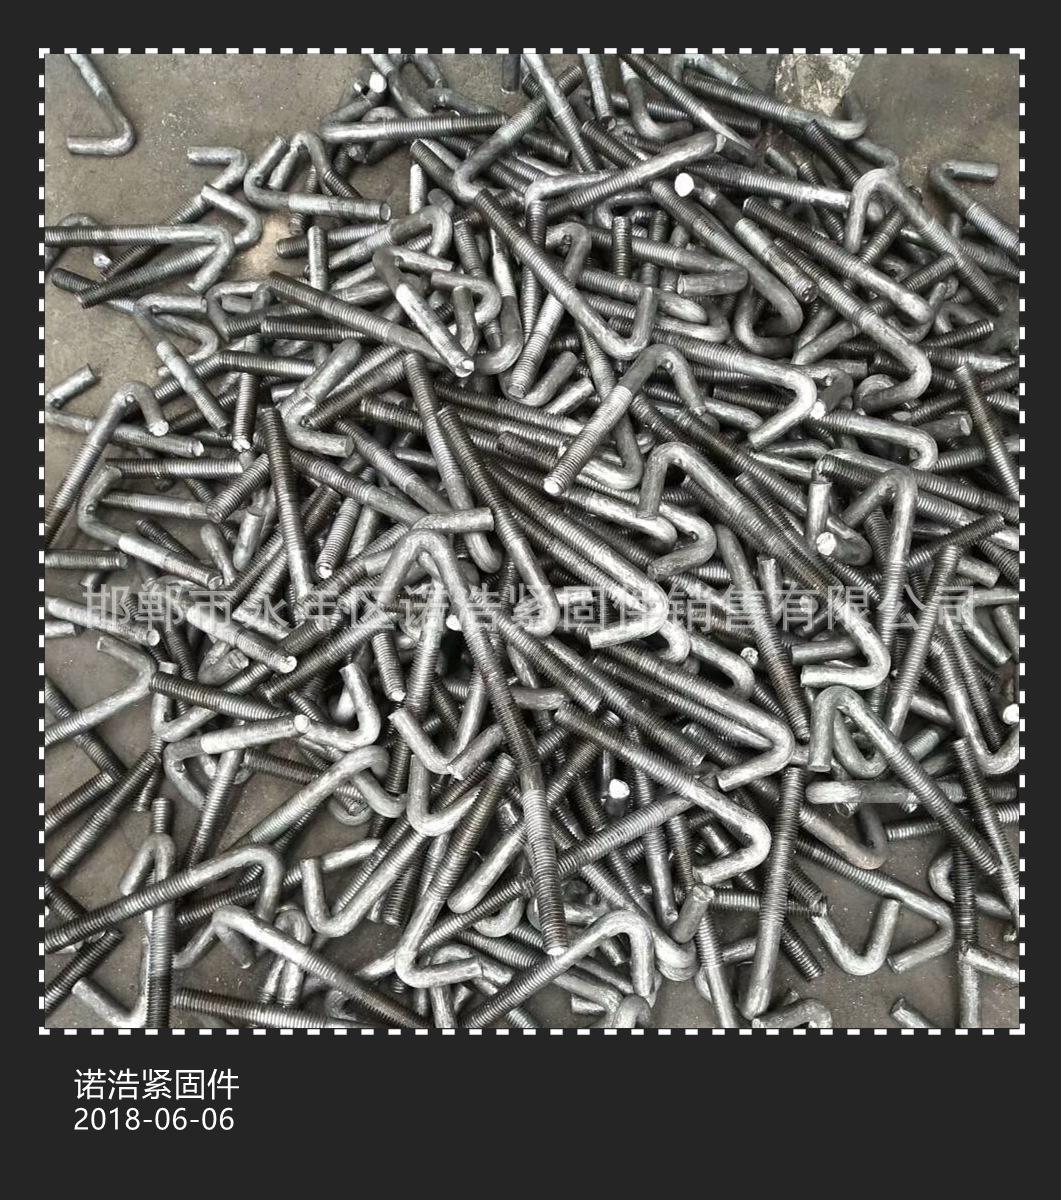 Tùy chỉnh 7 hình tháp Eiffel mép lông mép bu lông ốc vít GB799 chuyên dụng